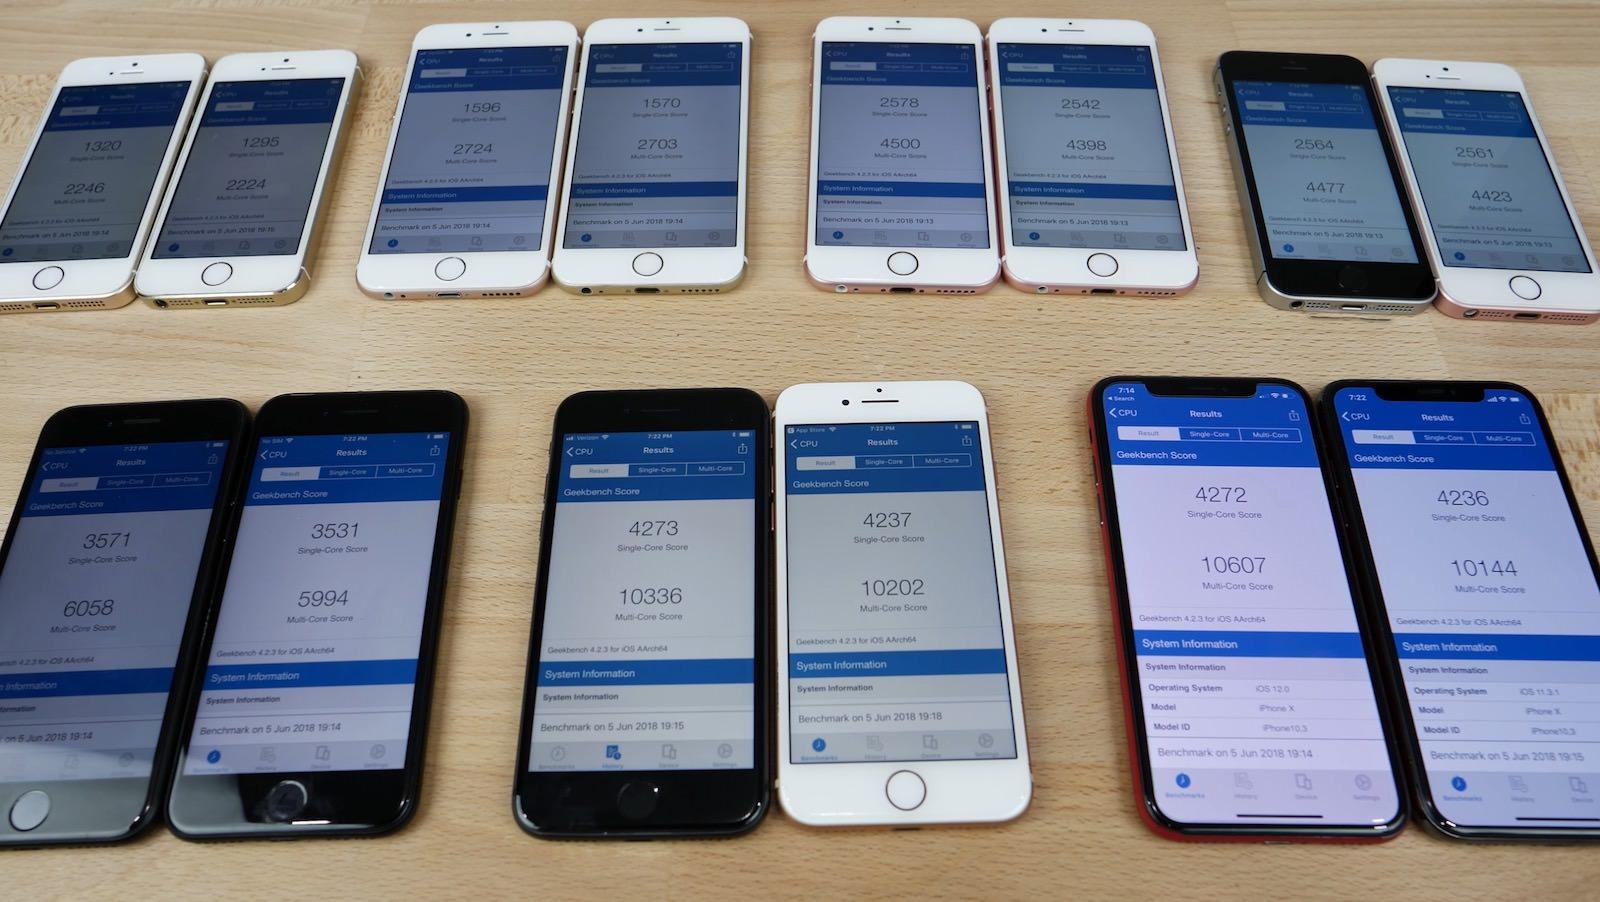 ios12-speed-test-on-all-iphones-2.jpg